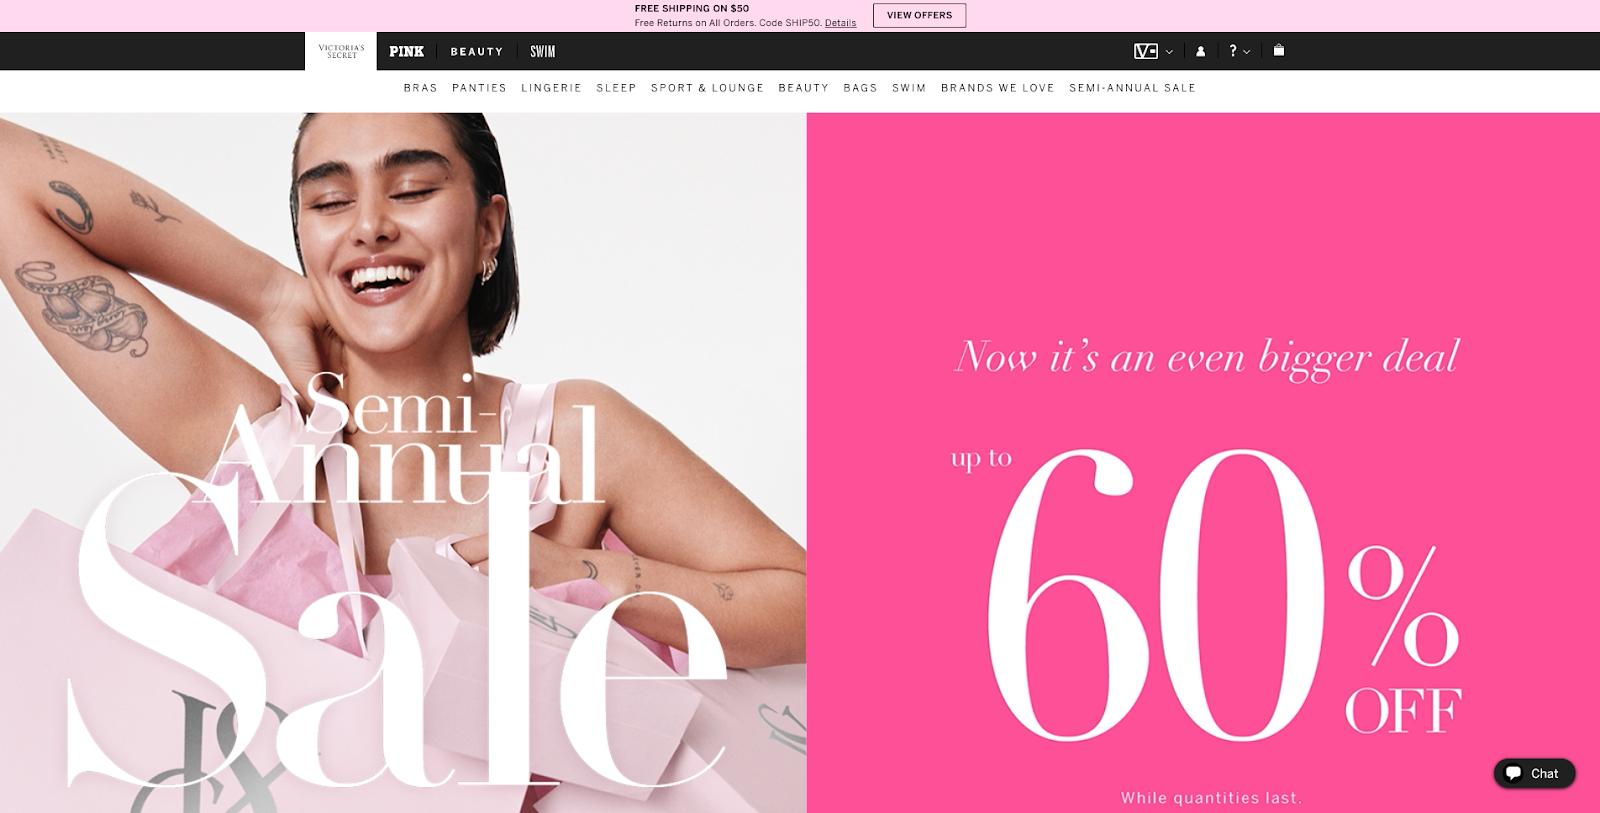 Victorias Secret sales page